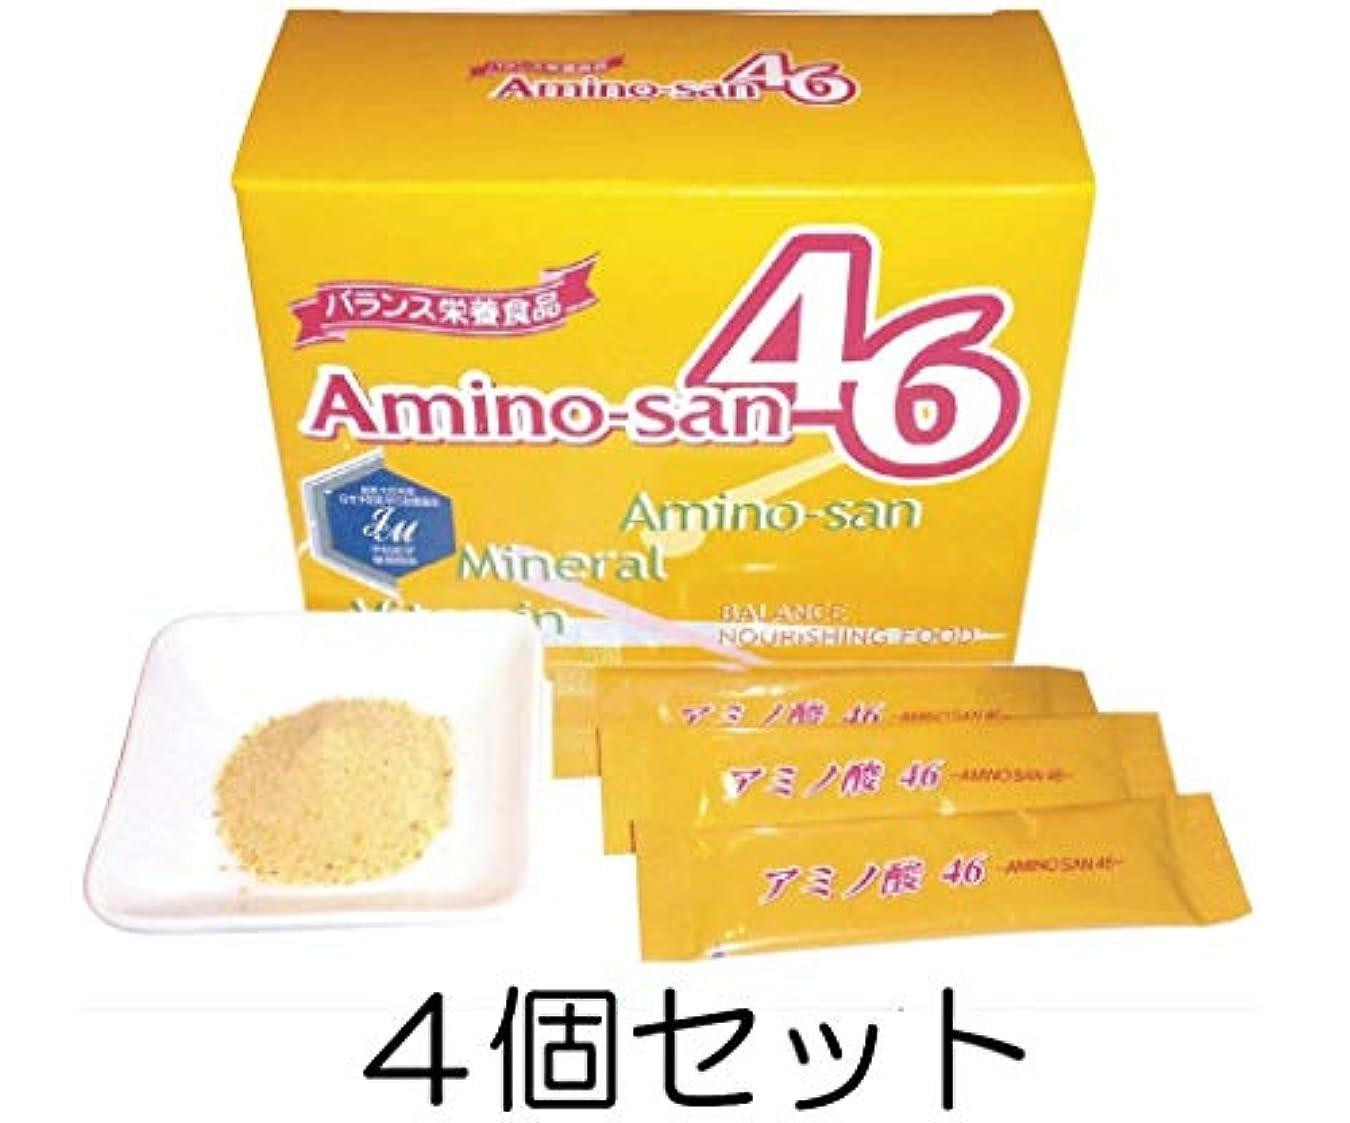 【 アミノ酸46 (3g×60本?1か月分)×4箱セット】ポーレン(蜂蜜花粉)含有 サプリメント